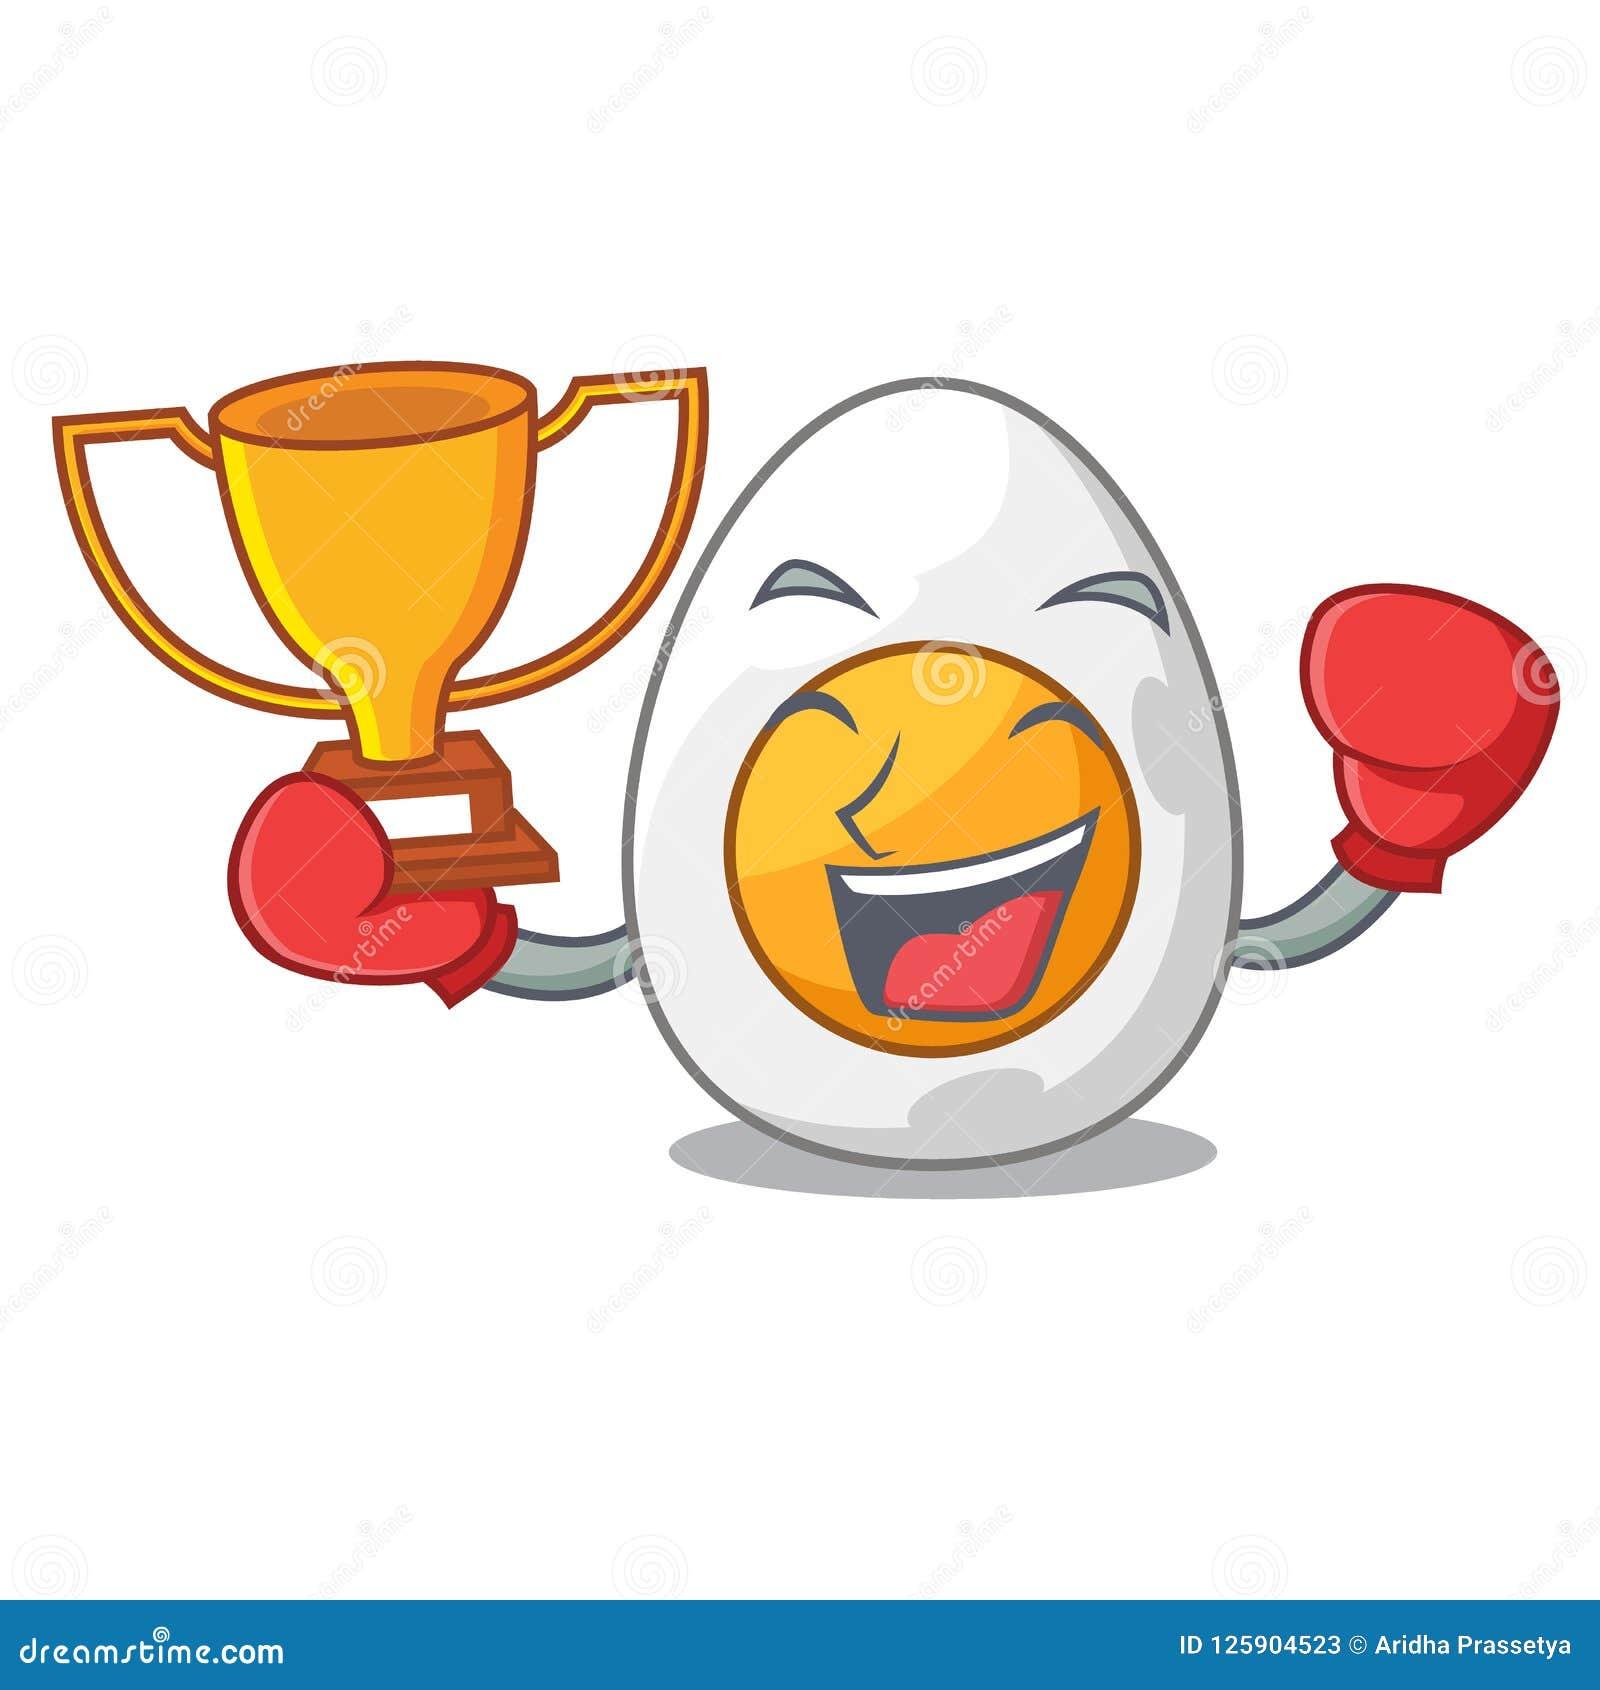 Бокса победителя вареное яйцо свеже изолированное на шарже талисмана